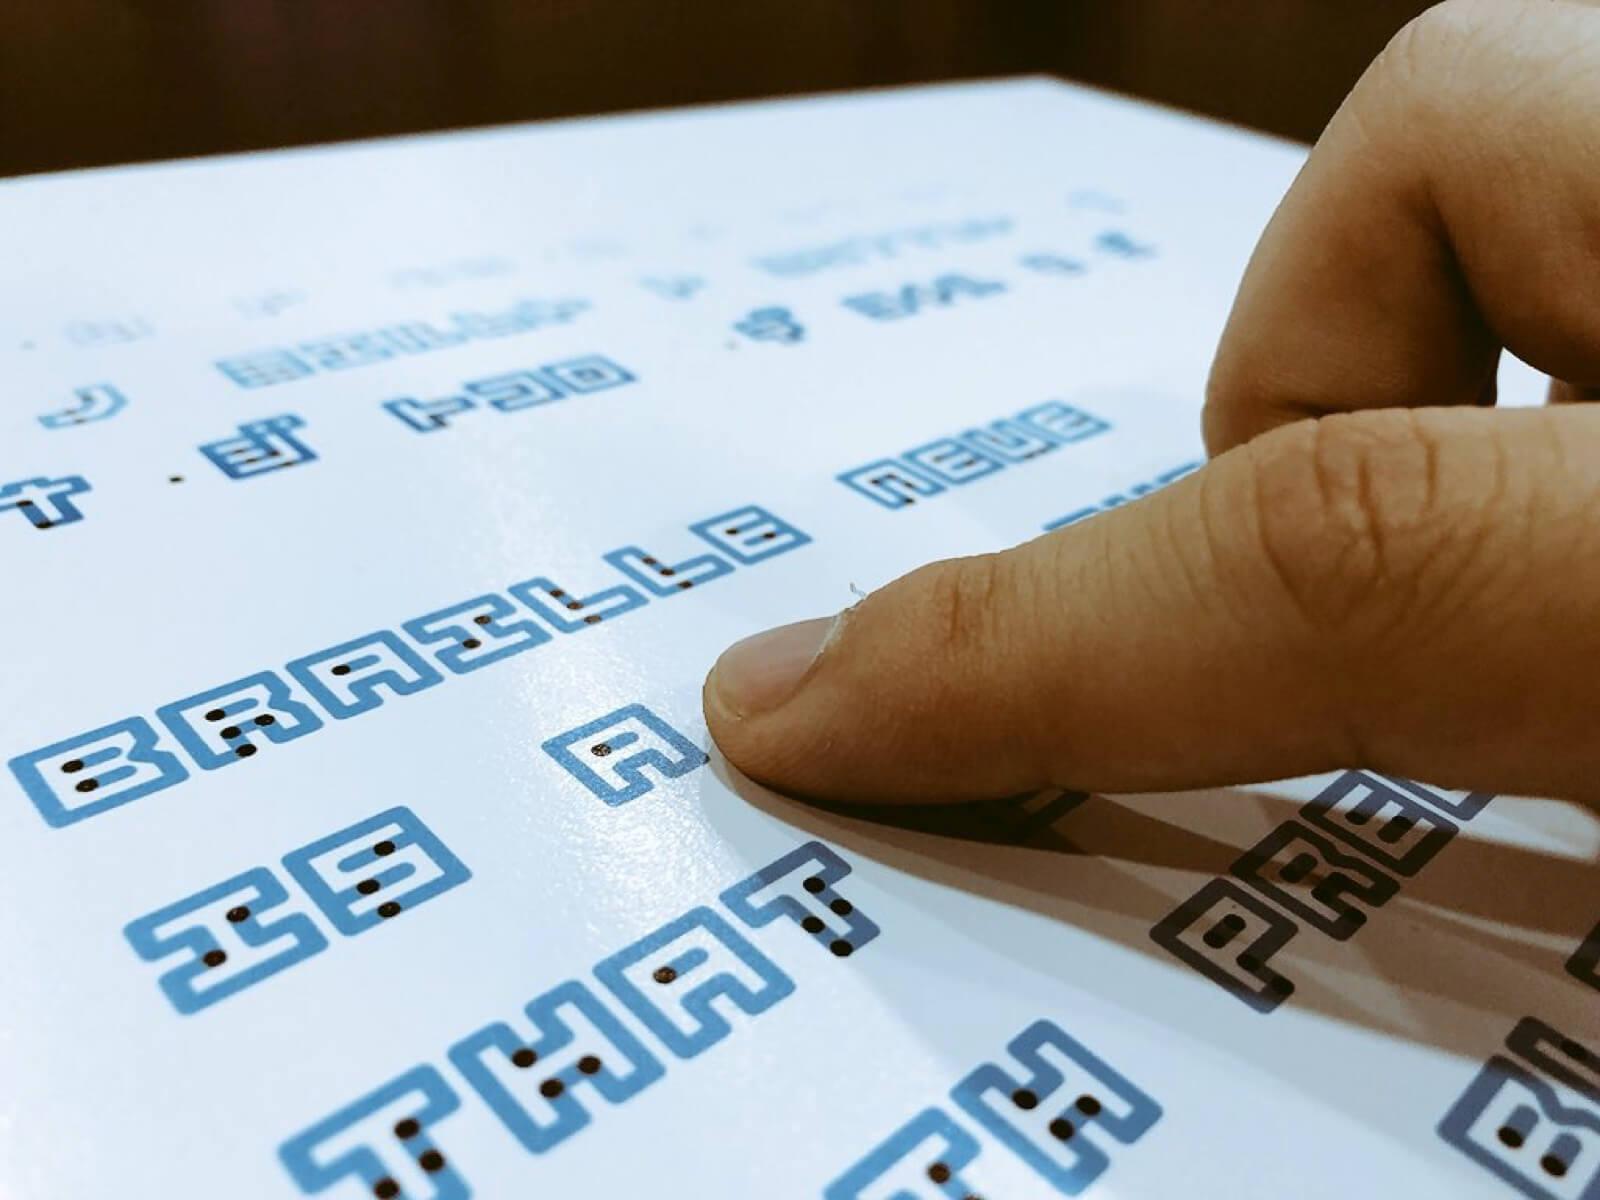 Designer japonês cria fonte que une a escrita Braille com a tradicional 2